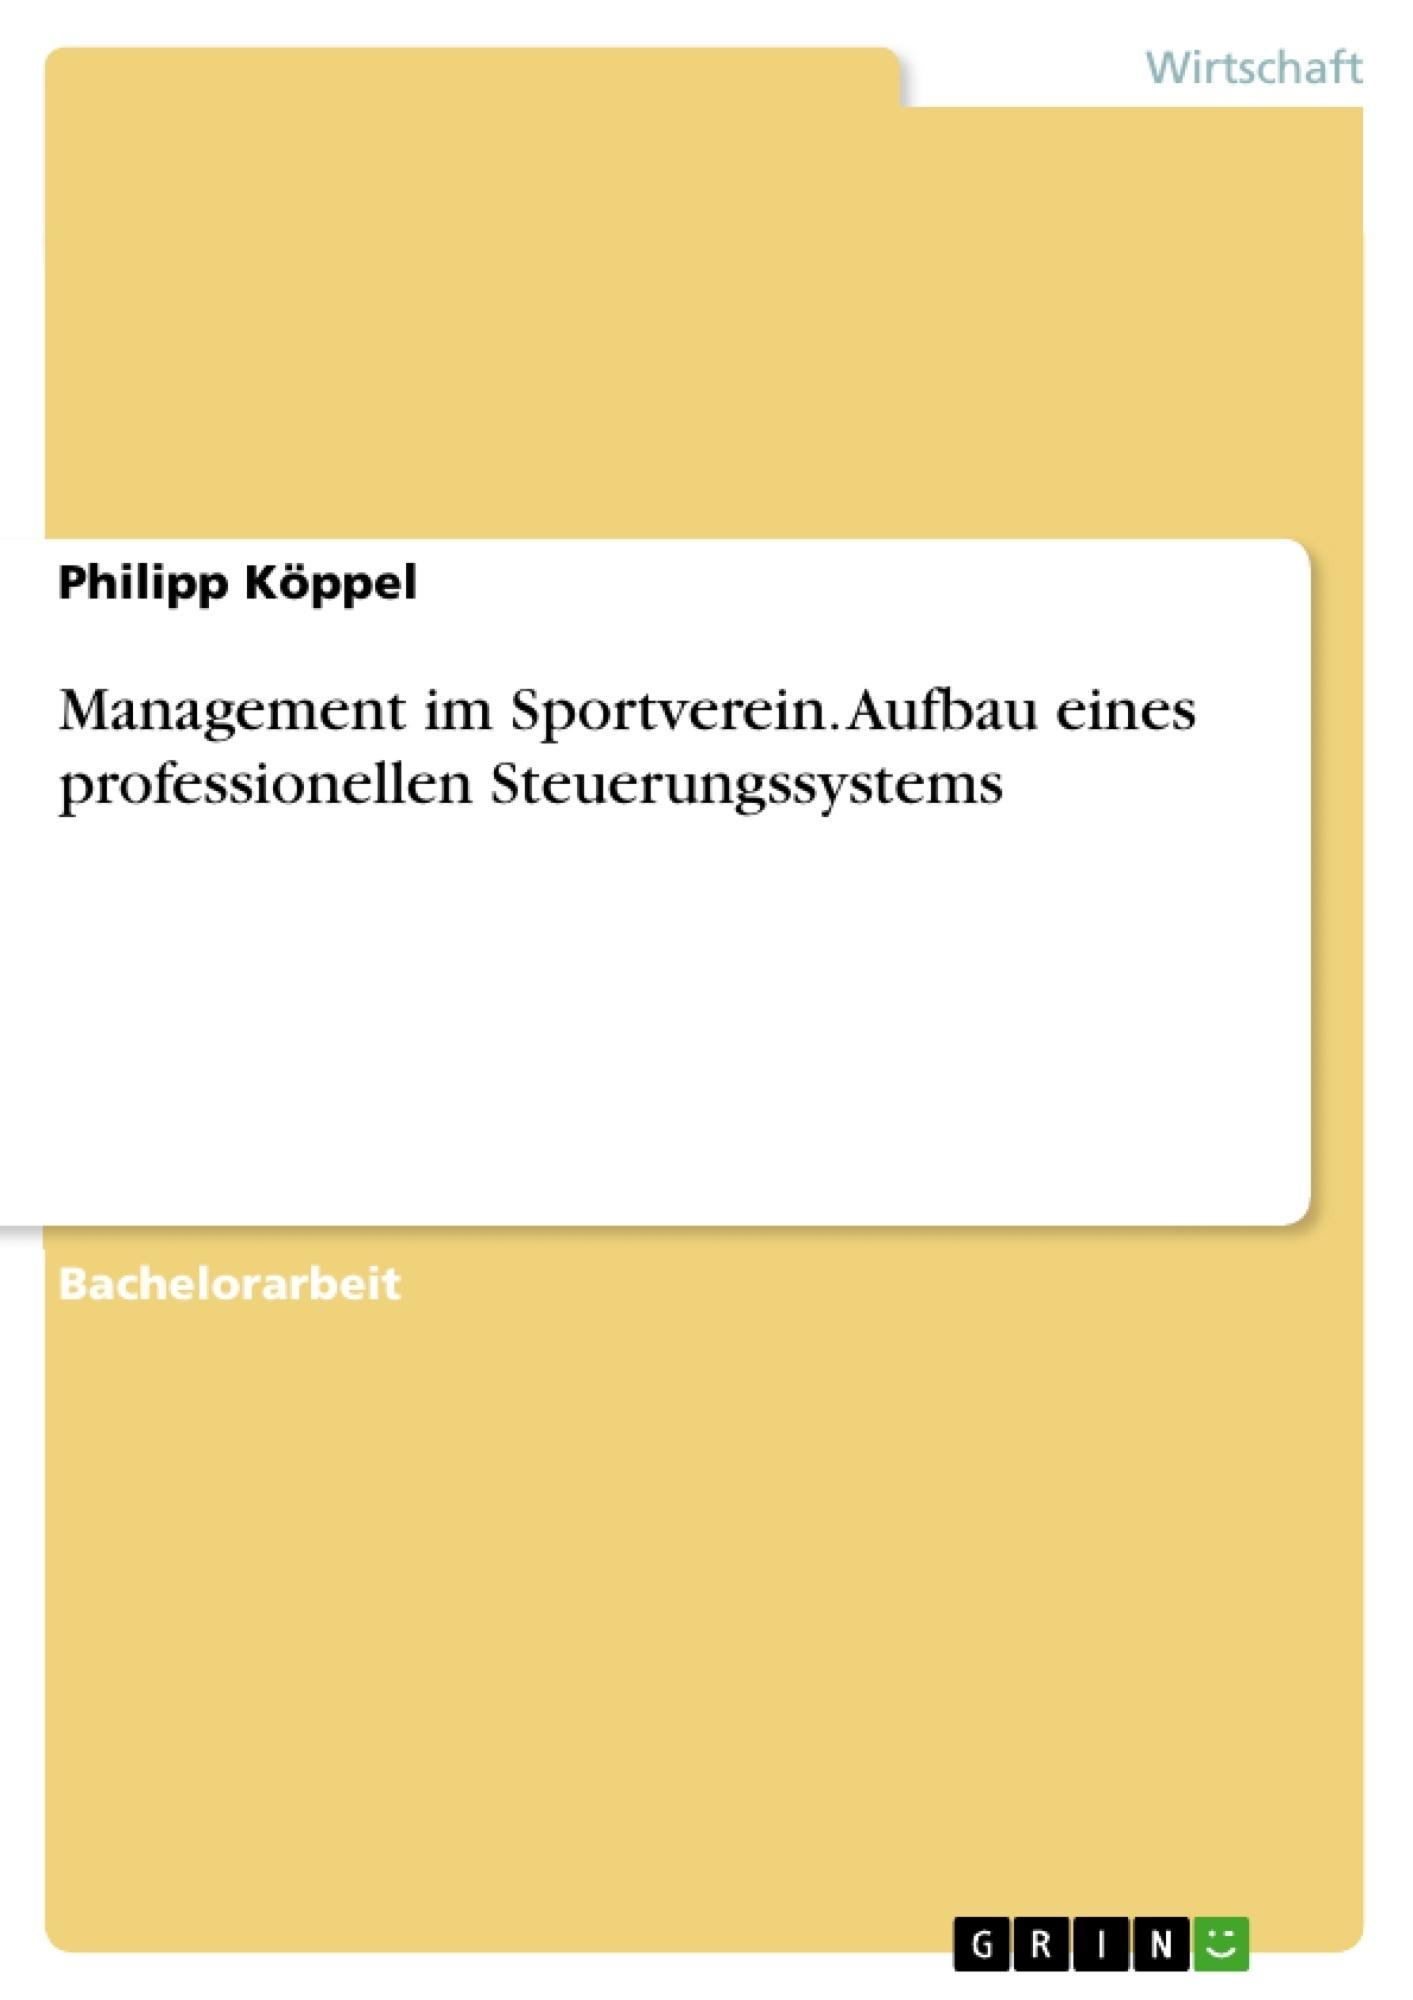 Titel: Management im Sportverein. Aufbau eines professionellen Steuerungssystems